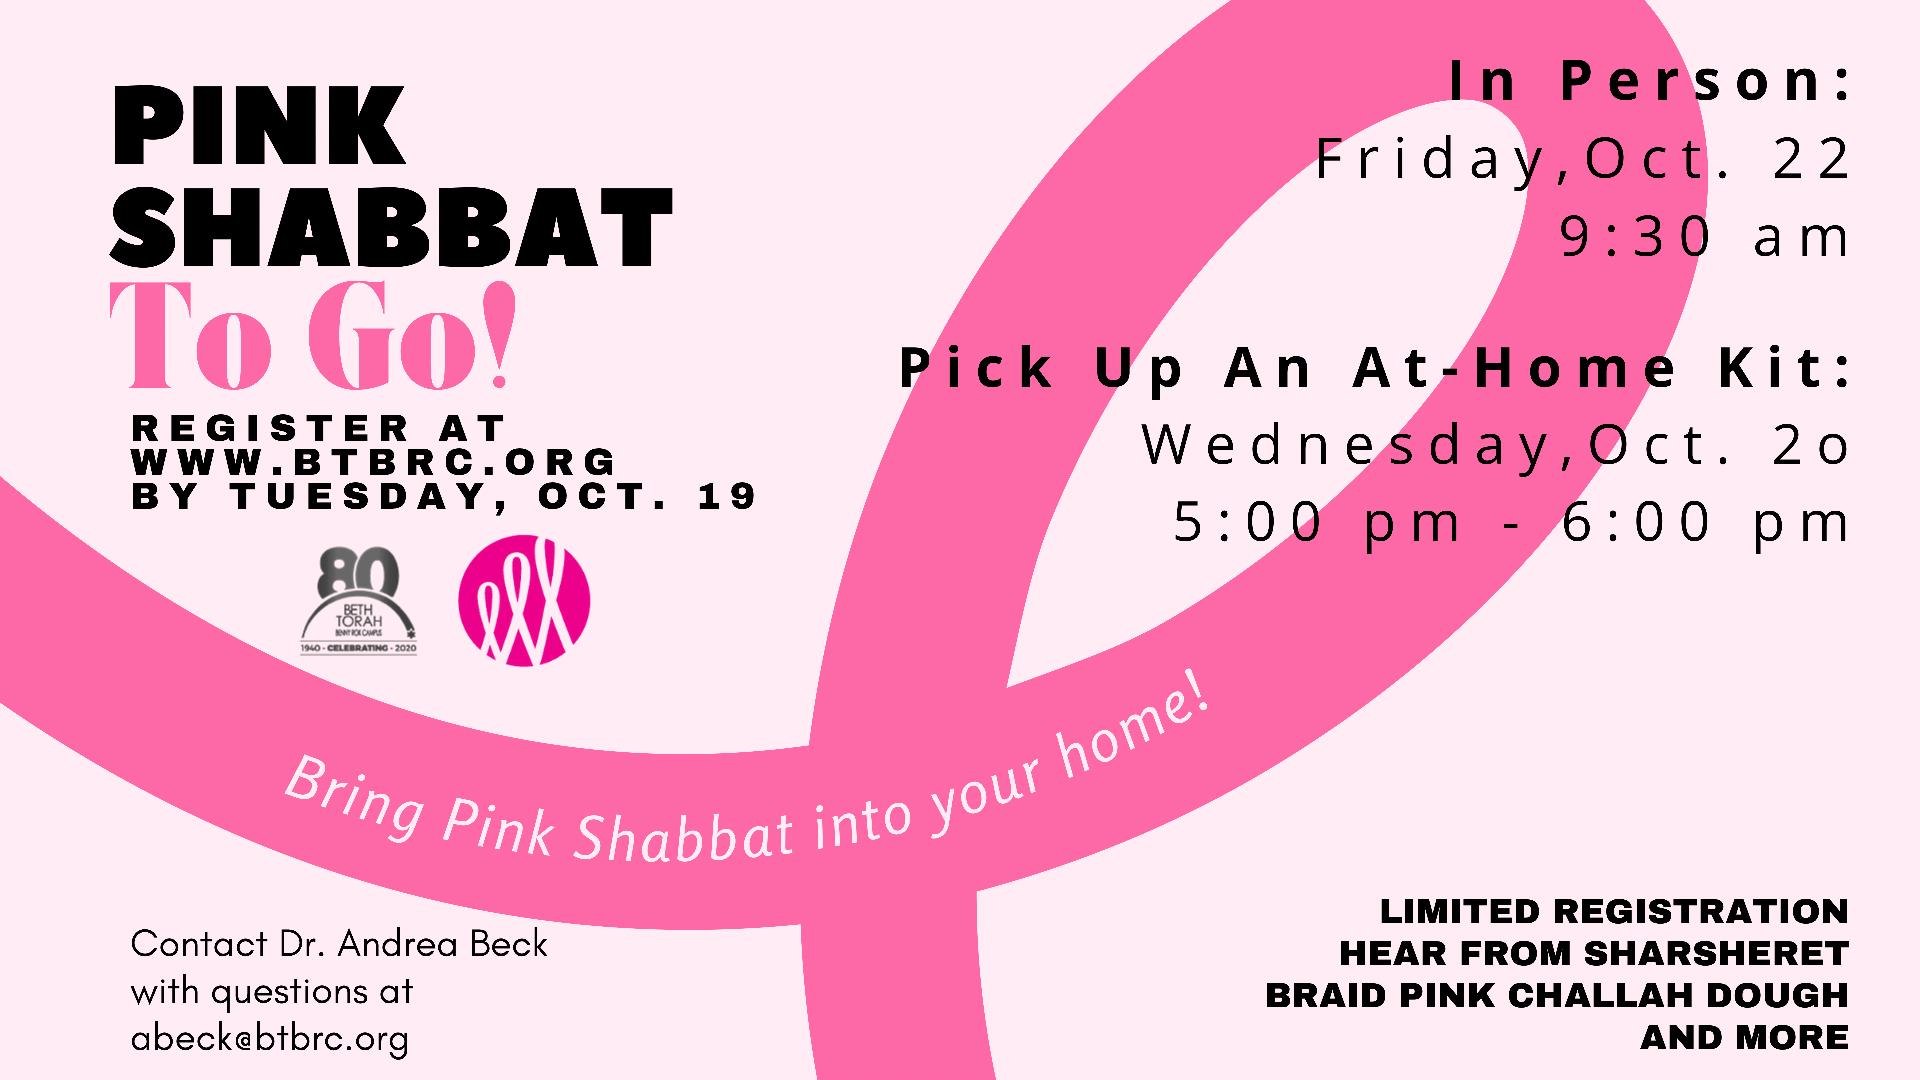 Pink Shabbat To Go 1940 (v2)